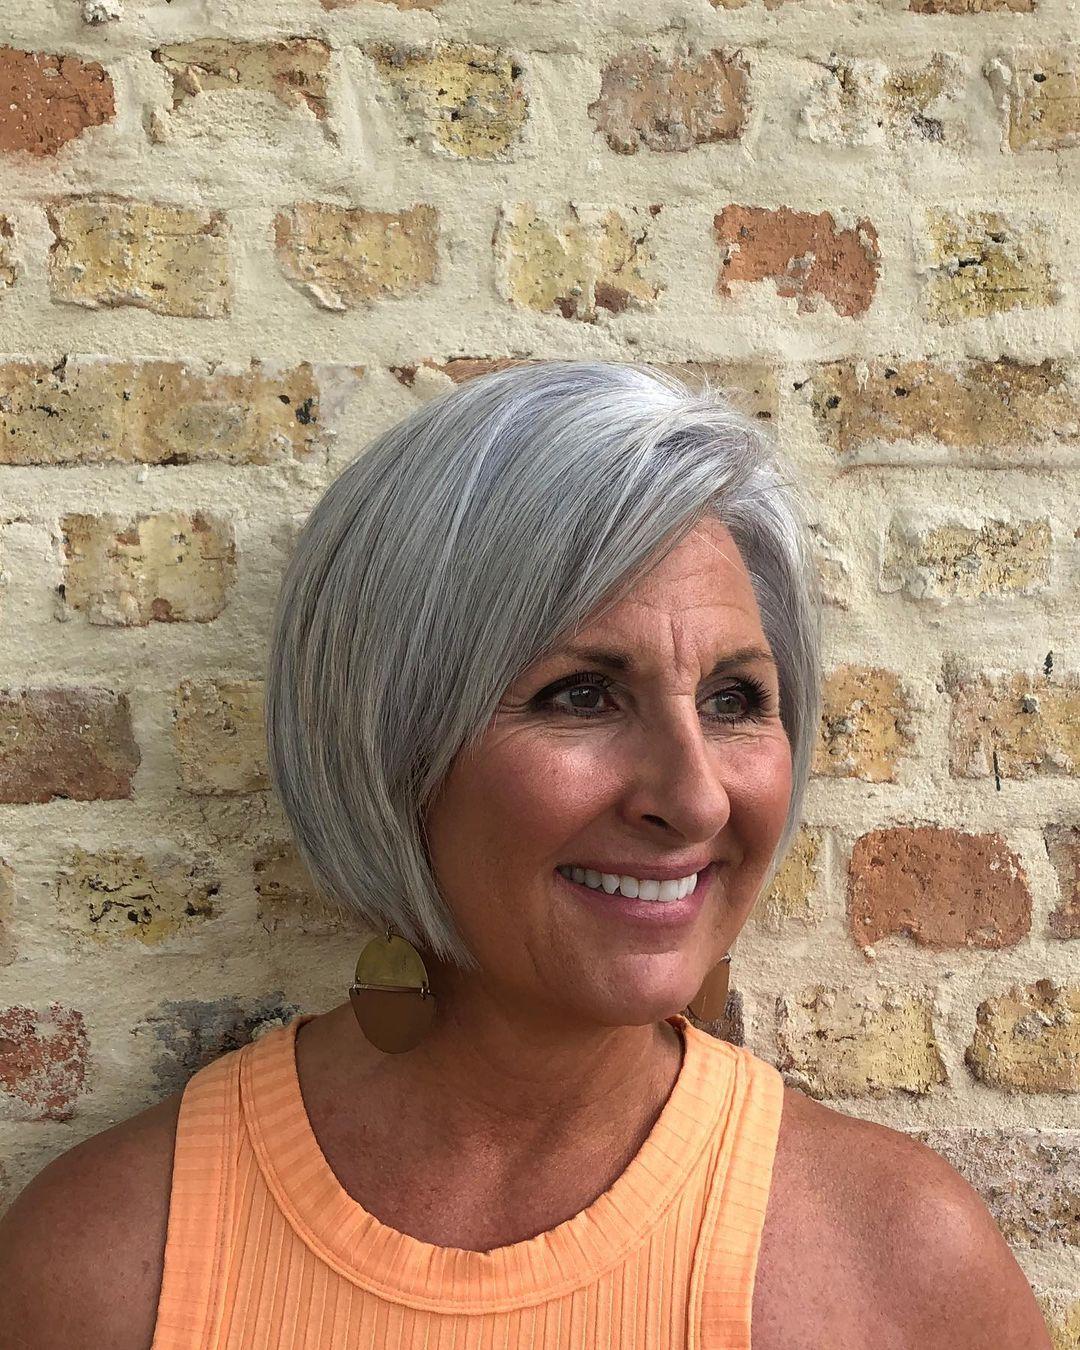 cheveux simples et raides pour les femmes âgées